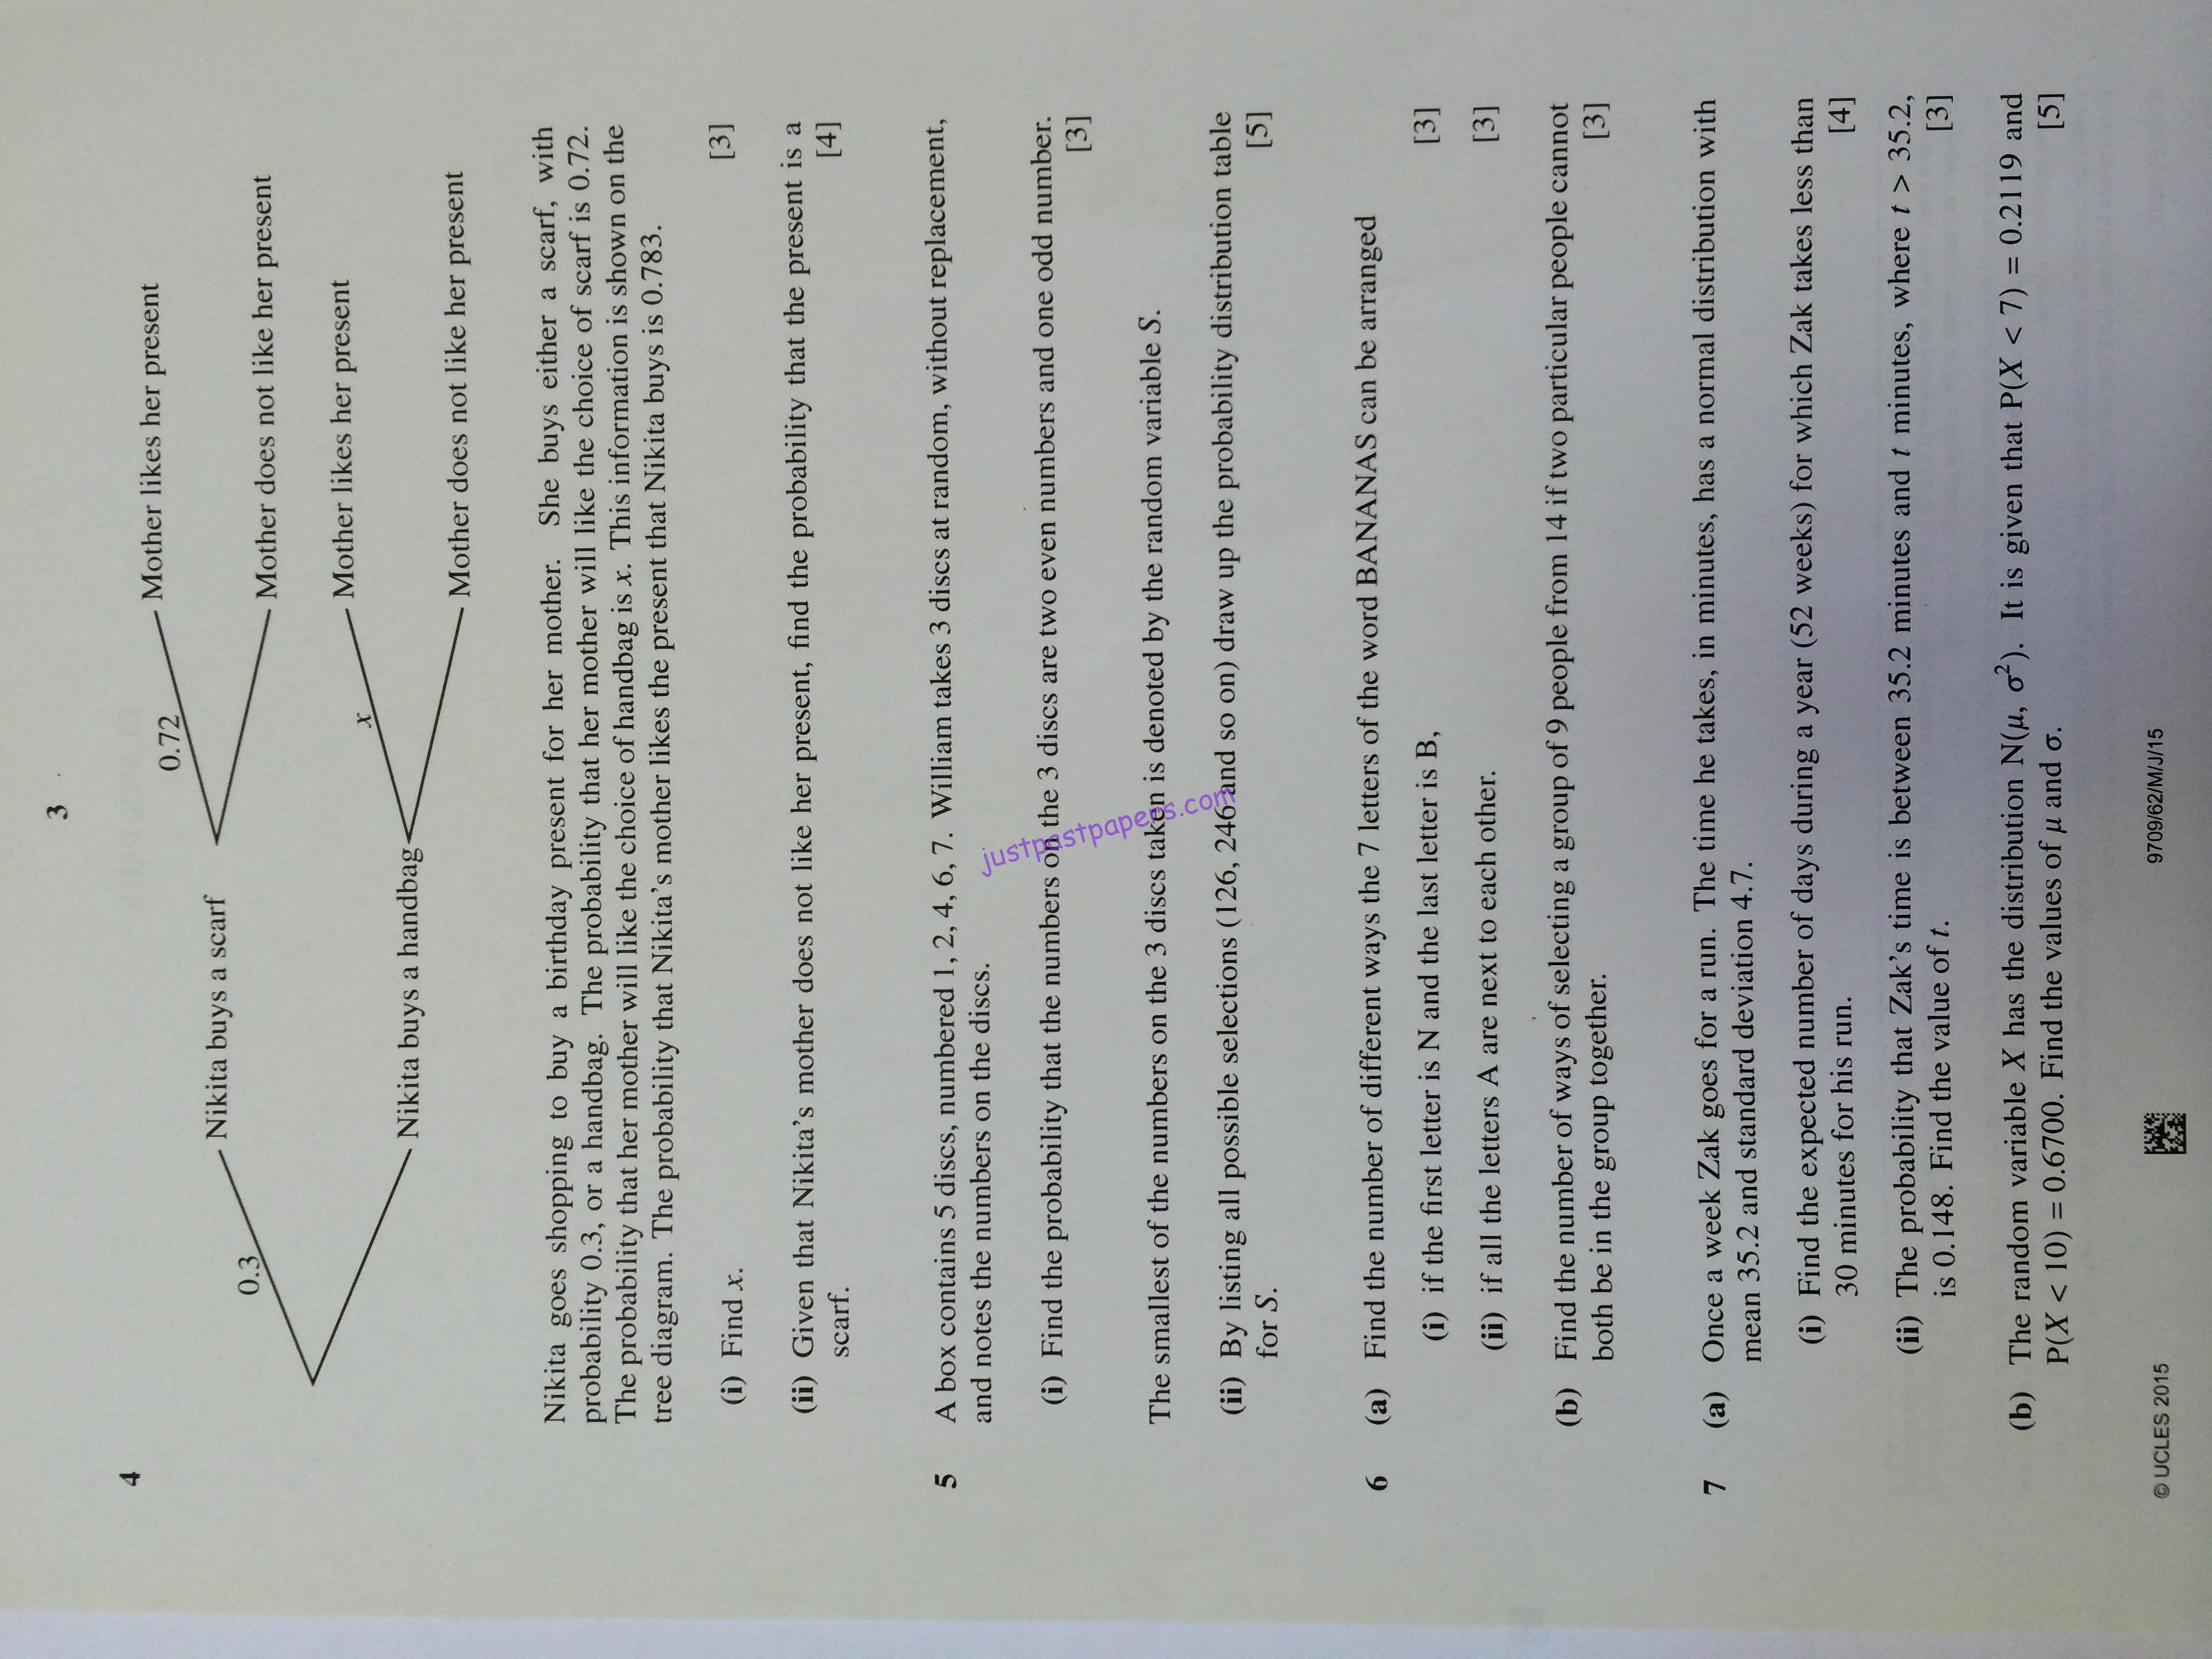 statistics model question paper 11th statistics model question paper 2017 dear students, you can download the tamilnadu 11th public exam model question papers of statistics in new 11th question paper pattern below.